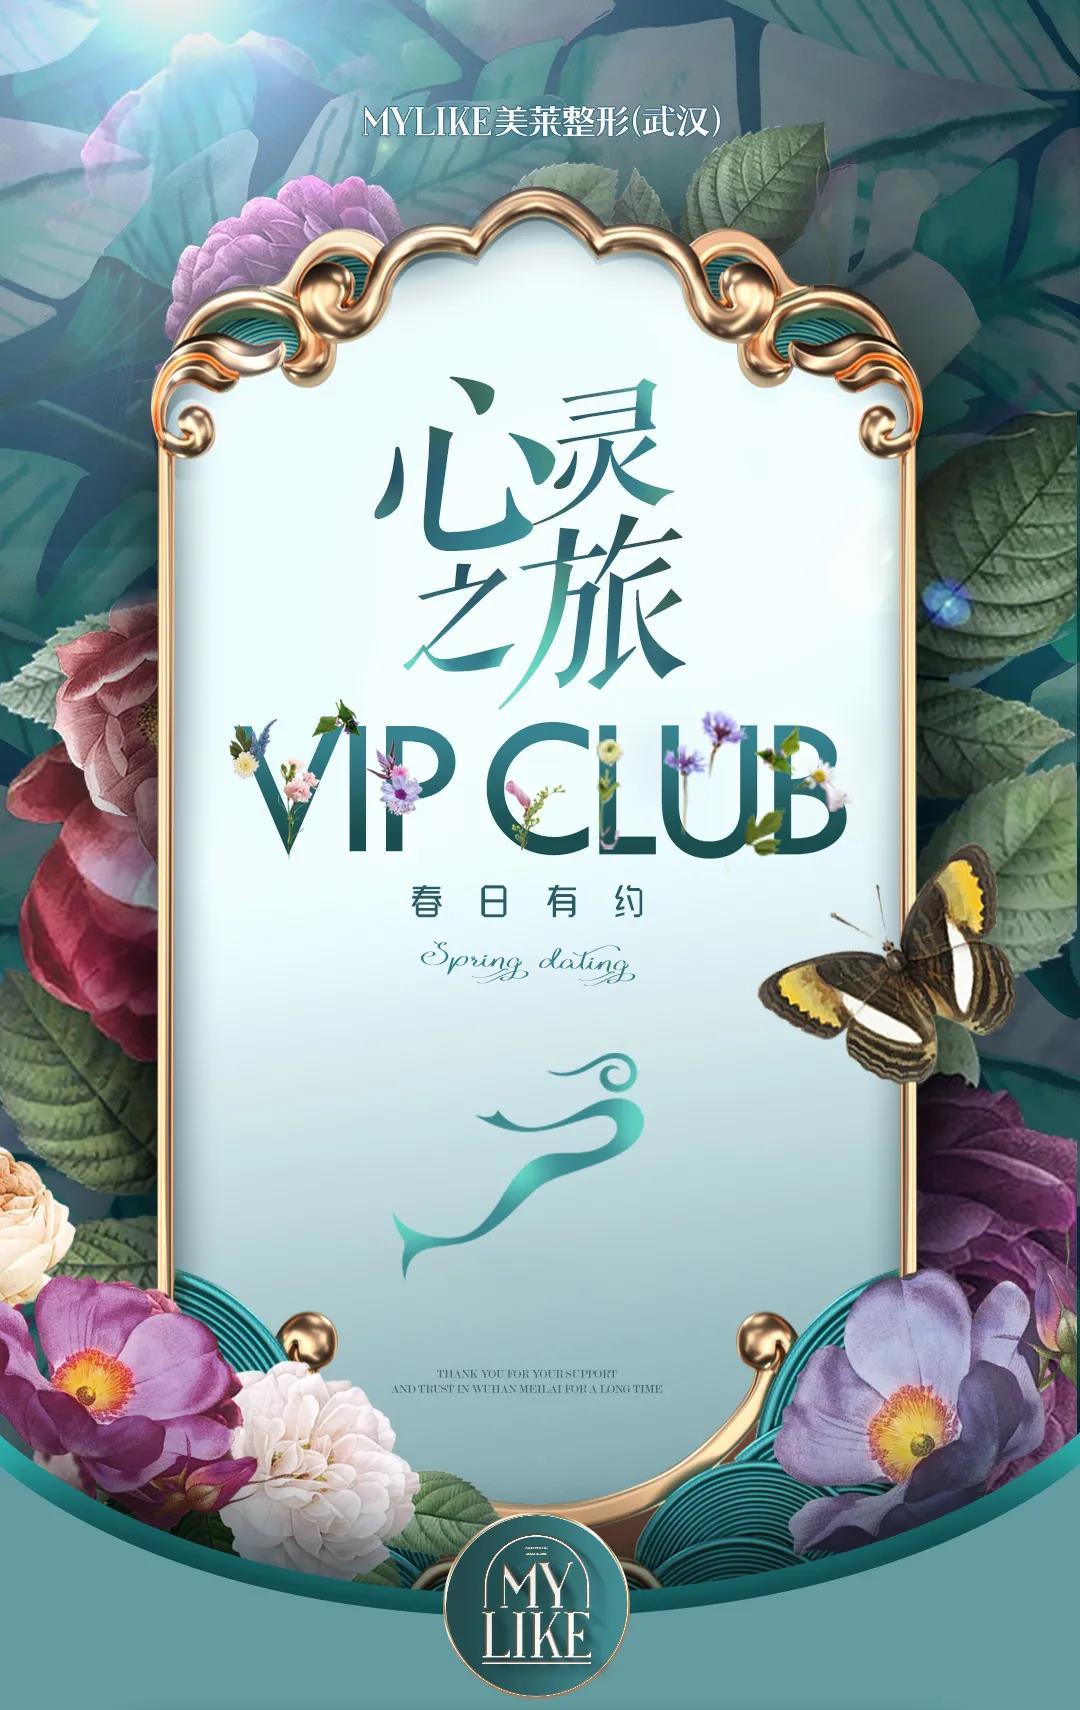 武汉美莱VIP CLUB春日有约,给你的专属浪漫